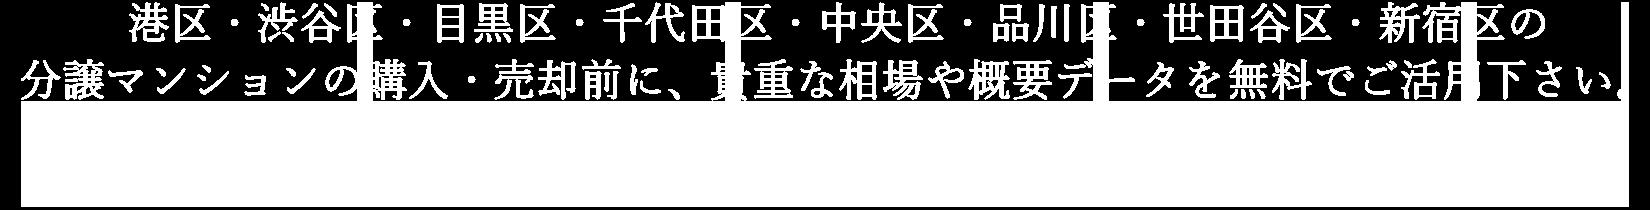 港区・渋谷区・目黒区・千代田区・中央区・品川区・世田谷区・新宿区の分譲マンションの購入・売却前に、貴重な相場や概要データを無料でご活用下さい。|アルテカマンションライブラリー